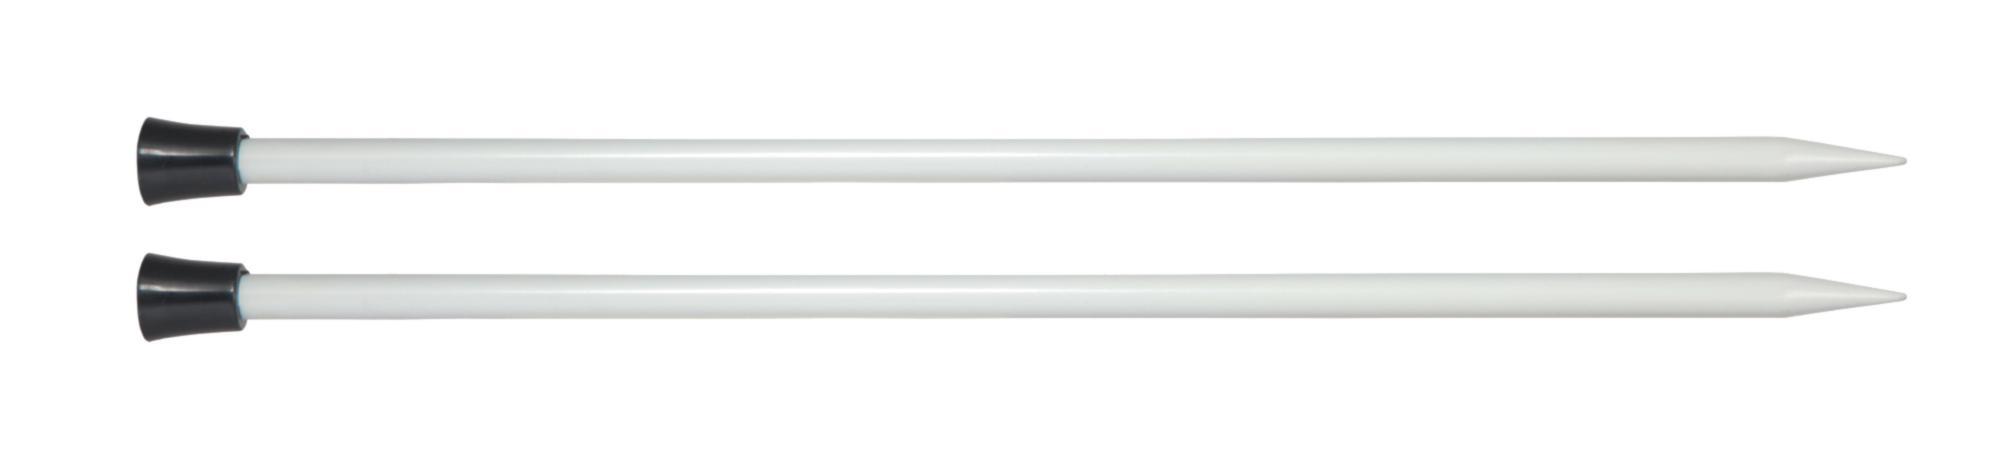 Спицы прямые 25 см Basix Aluminium KnitPro, 45201, 2.50 мм